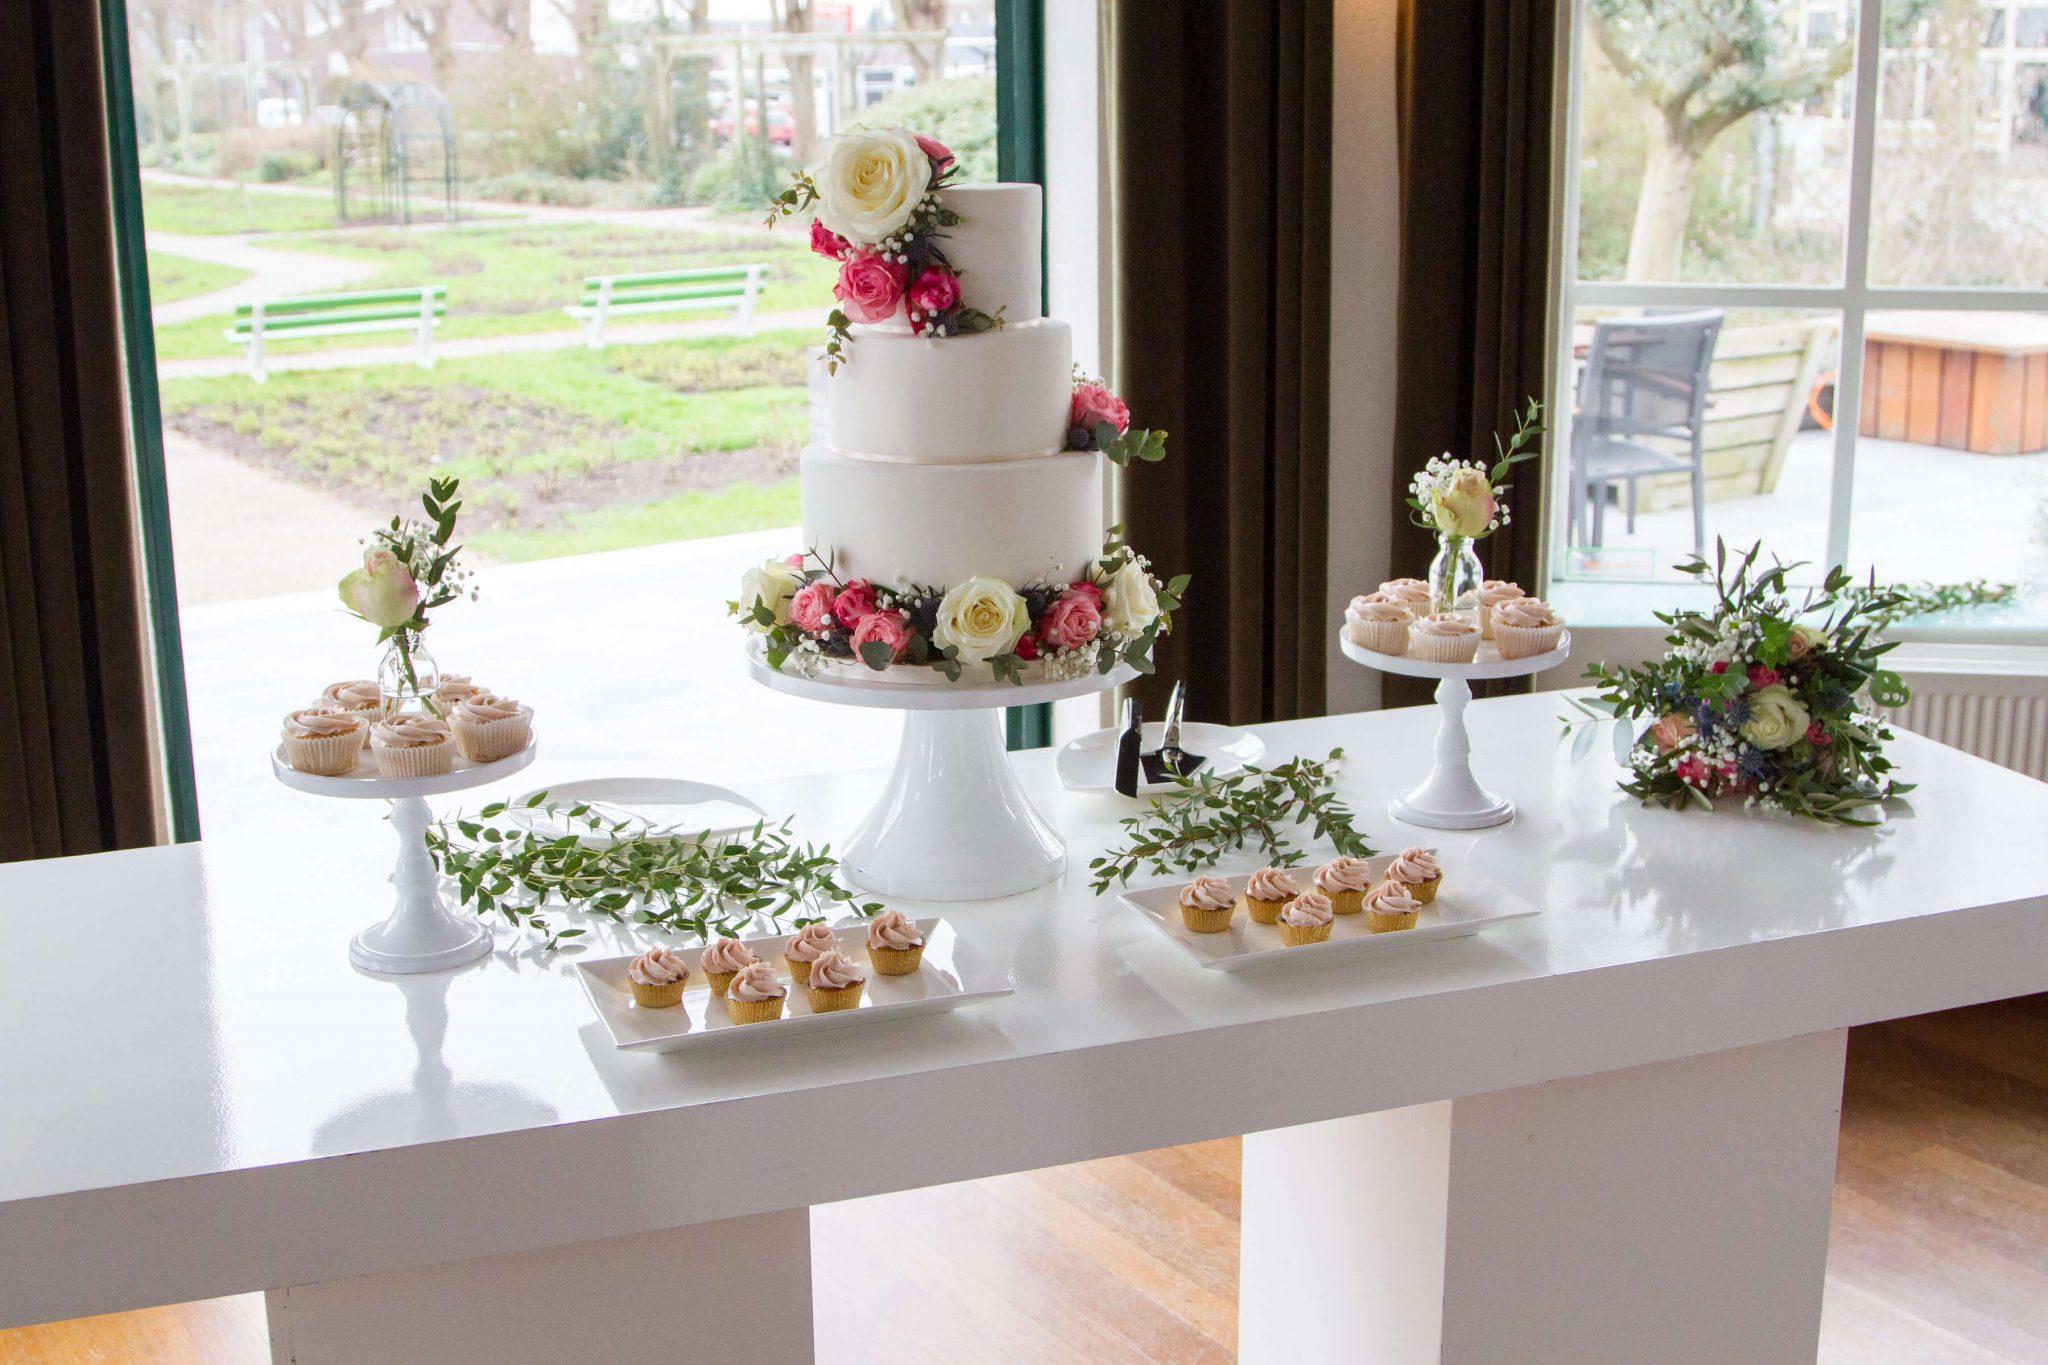 Sweet Table Romantisch Bruidstaart verse bloemen cupcakes cakepops